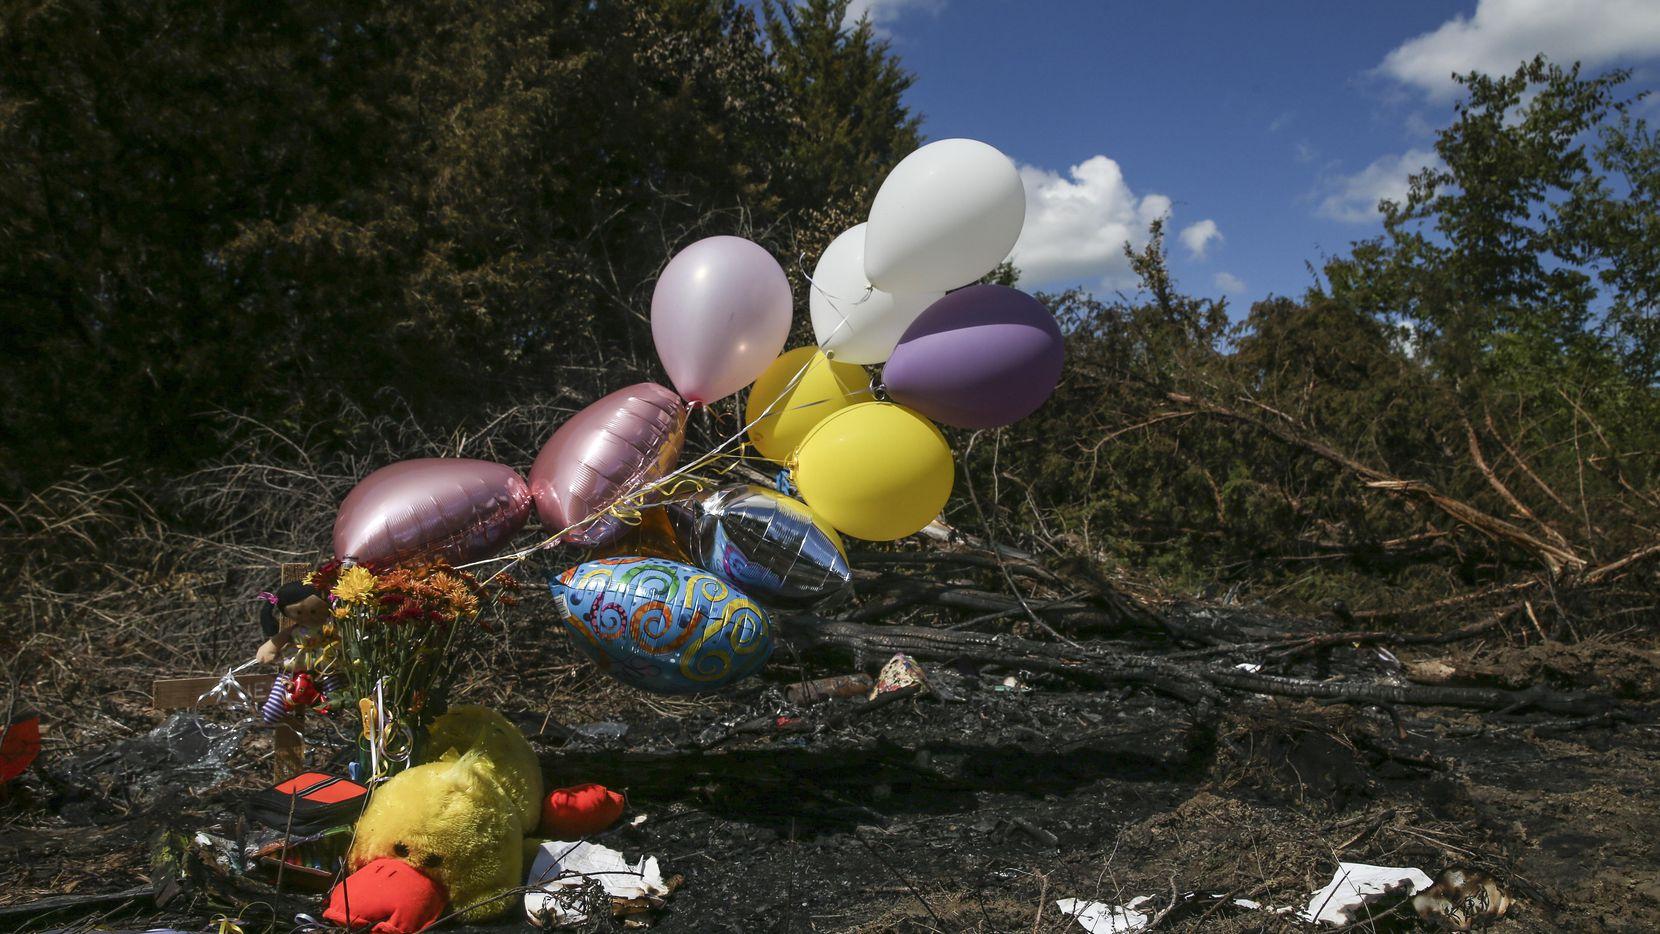 Globos y flores yacen en el lugar donde ocurrió un accidente el miércoles. Jazmine Alfaro, de 12 años, falleció. (DMN/RYAN MICHALESKO)